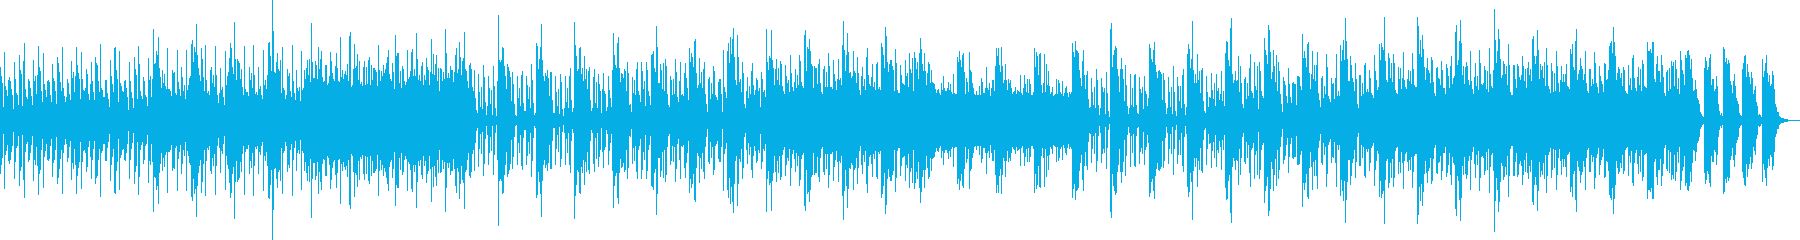 激しいドラムが印象的なテクノロックの再生済みの波形